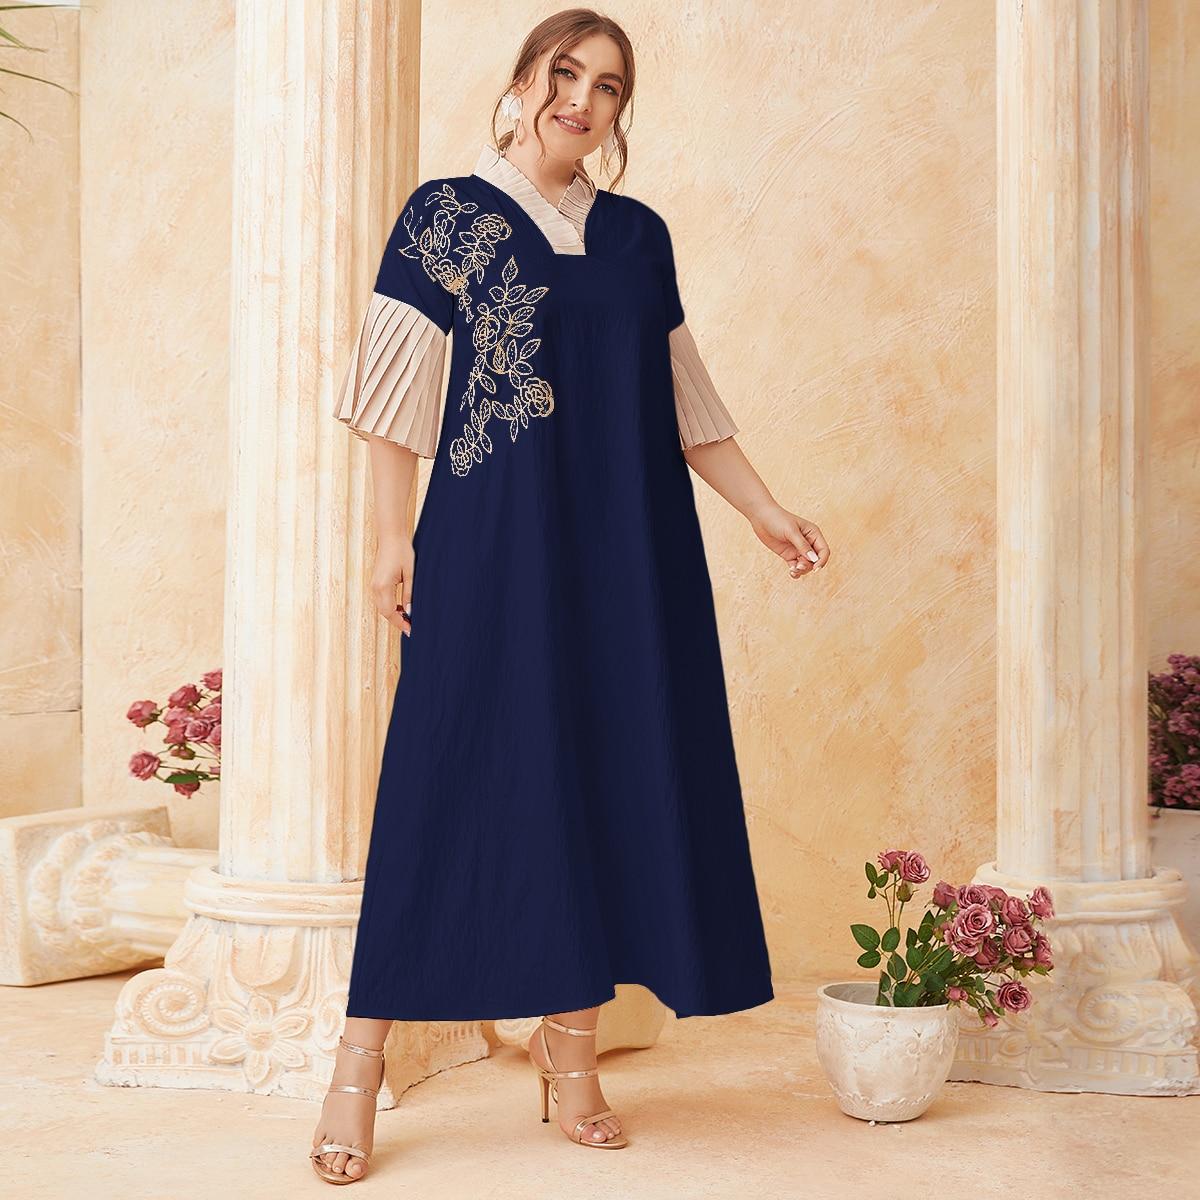 Темно-синий Вышивка Цветочный Скромный Платья размер плюс